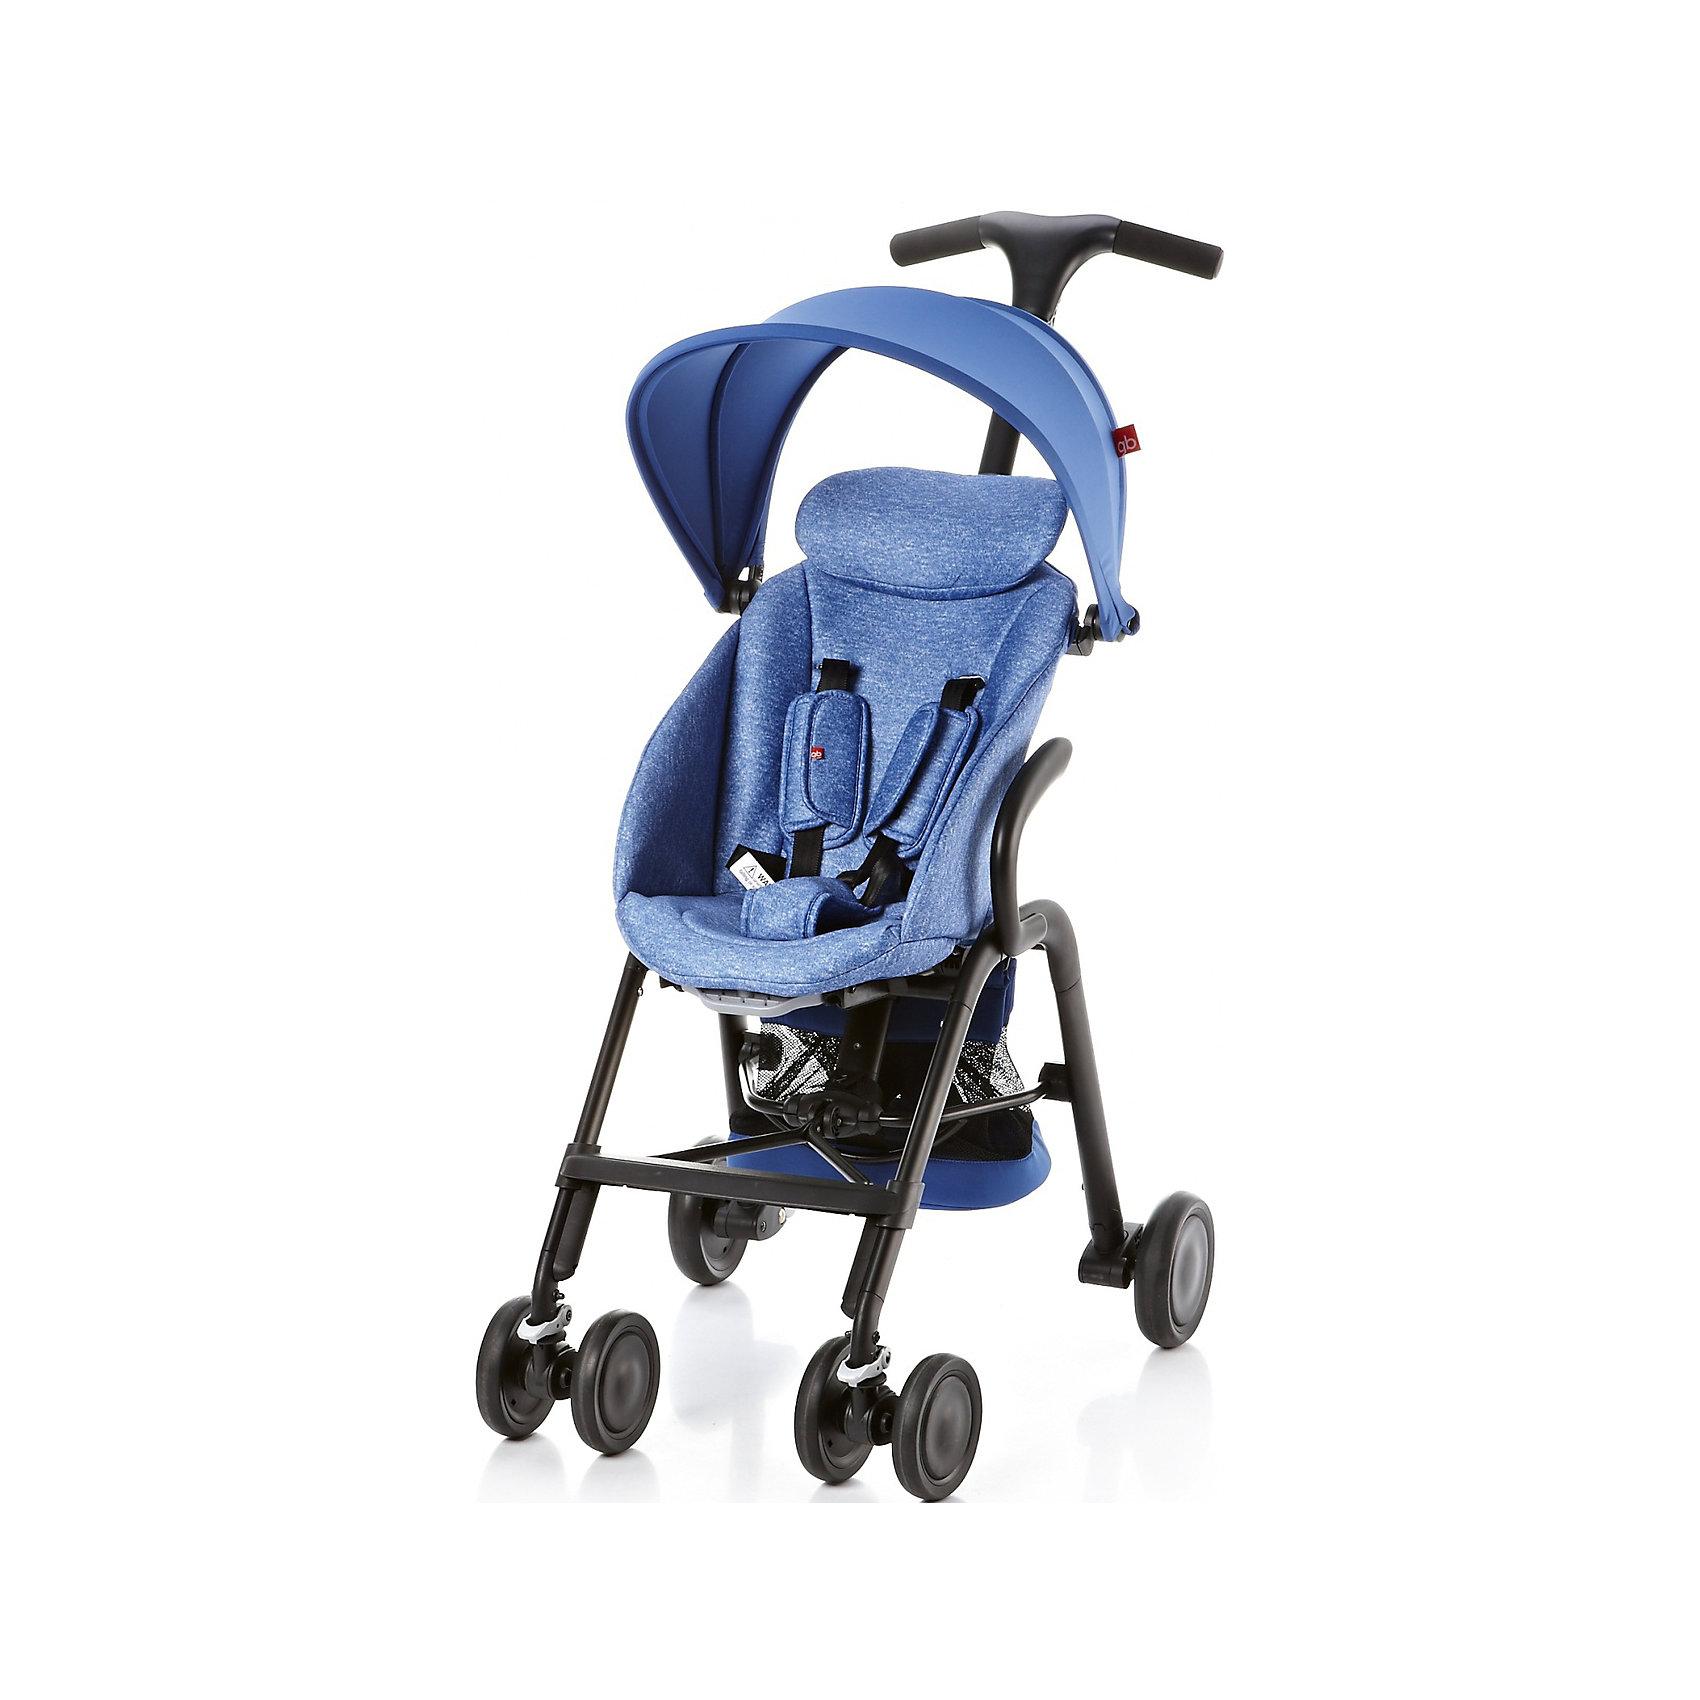 Коляска прогулочная T-BAR D330J, GB, синийКоляска прогулочная T-BAR D330J, GB, синий<br><br>Характеристики:<br><br>- в набор входит: коляска, козырек <br>- материал: алюминий, текстиль, пластик<br>- колеса: EVA-резина и полиуретан<br>- размер разложенной коляски: 53 * 91 * 105 см.<br>- размер в сложенном виде: 53 * 40 * 91 см.<br>- вес коляски: 7,6 кг.<br><br>Надежная коляска от известного международного европейского бренда товаров для детей GB (ДжиБи) сделает прогулку с малышом комфортным приключением. Стильный дизайн и качественное исполнение позволят коляске прослужить много лет. Т-образная ручка обеспечивает наибольшую маневренность в городе и ее высота регулируется в три положения. Стильный козырек закрывает малыша от яркого солнца и удобно регулируется, давая возможность полностью закрыть малыша спереди. Спинка сидения регулируется в два положения, в которых малыш сможет немного отдохнуть, а мягкий регулирующийся подголовник добавит малышу комфорта. Прочные бесшумные двойные передние колеса поворачиваются (можно зафиксировать), задние колеса оснащены амортизацией, такое сочетание позволяет осуществить наибольшую проходимость и устойчивость коляски. Для удобства хранения и перемещения коляска легко складывается по принципу «книжка». Безопасность малыша обеспечивает пятиточечный ремень с мягкими накладками. Небольшая корзина коляски легка в доступе и позволит взять с собой самое необходимое на прогулку. С этой легкой и компактной коляской вы будете чувствовать себя уверенно как на прогулке, так и в магазине.<br><br>Коляску прогулочную T-BAR D330J, синий, GB (ДжиБи) можно купить в нашем интернет-магазине.<br><br>Ширина мм: 900<br>Глубина мм: 500<br>Высота мм: 300<br>Вес г: 9000<br>Возраст от месяцев: 6<br>Возраст до месяцев: 36<br>Пол: Унисекс<br>Возраст: Детский<br>SKU: 5176043